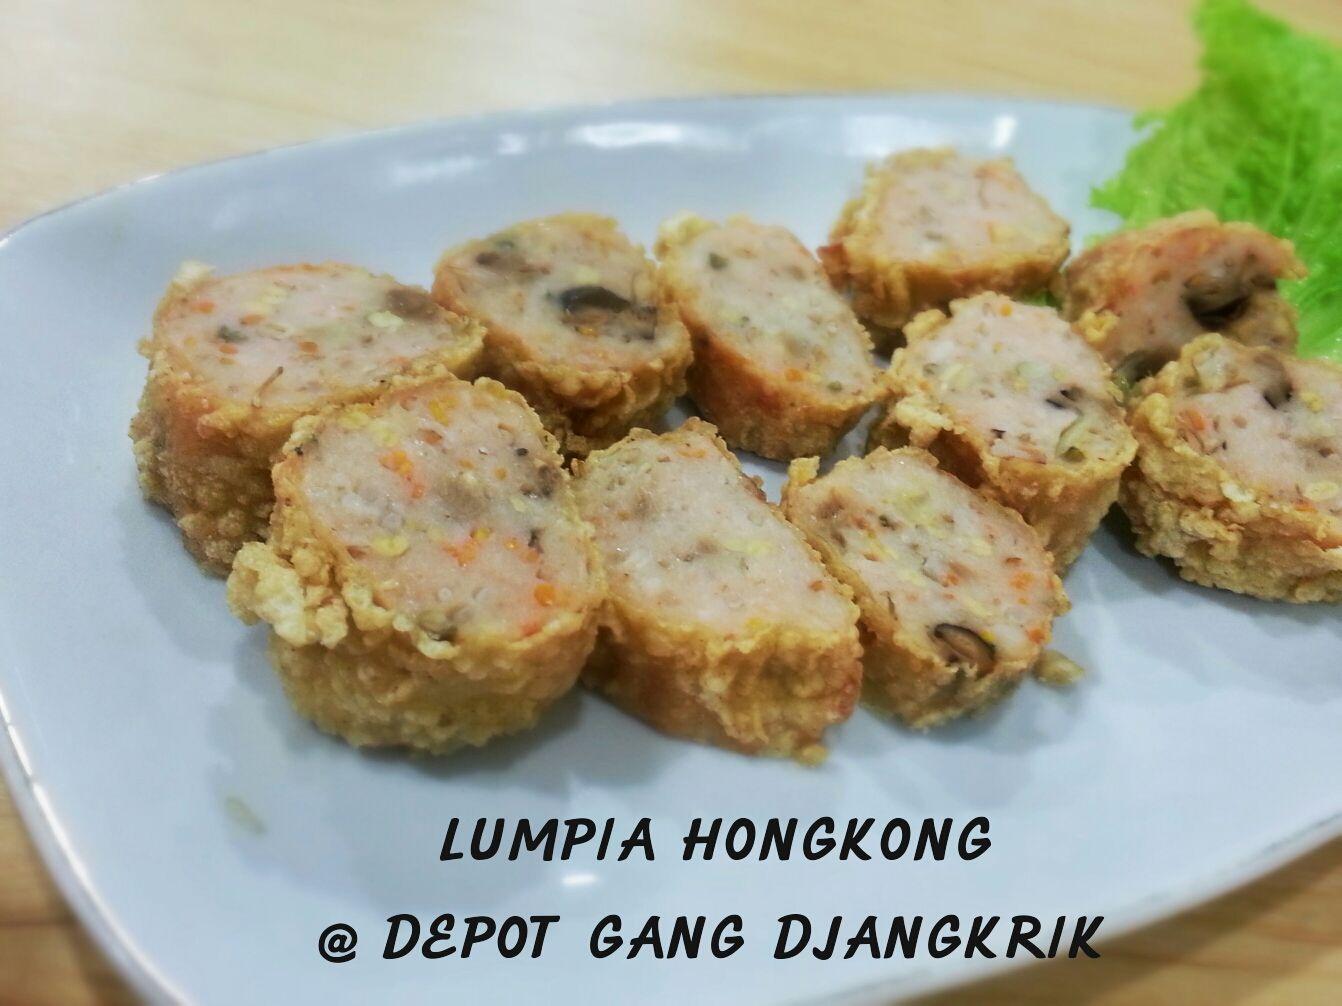 Lumpia Hongkong Chinese Food Depot Gang Jangkrik Jalan Teuku Umar Denpasar Bali 78 Lumpia Bali